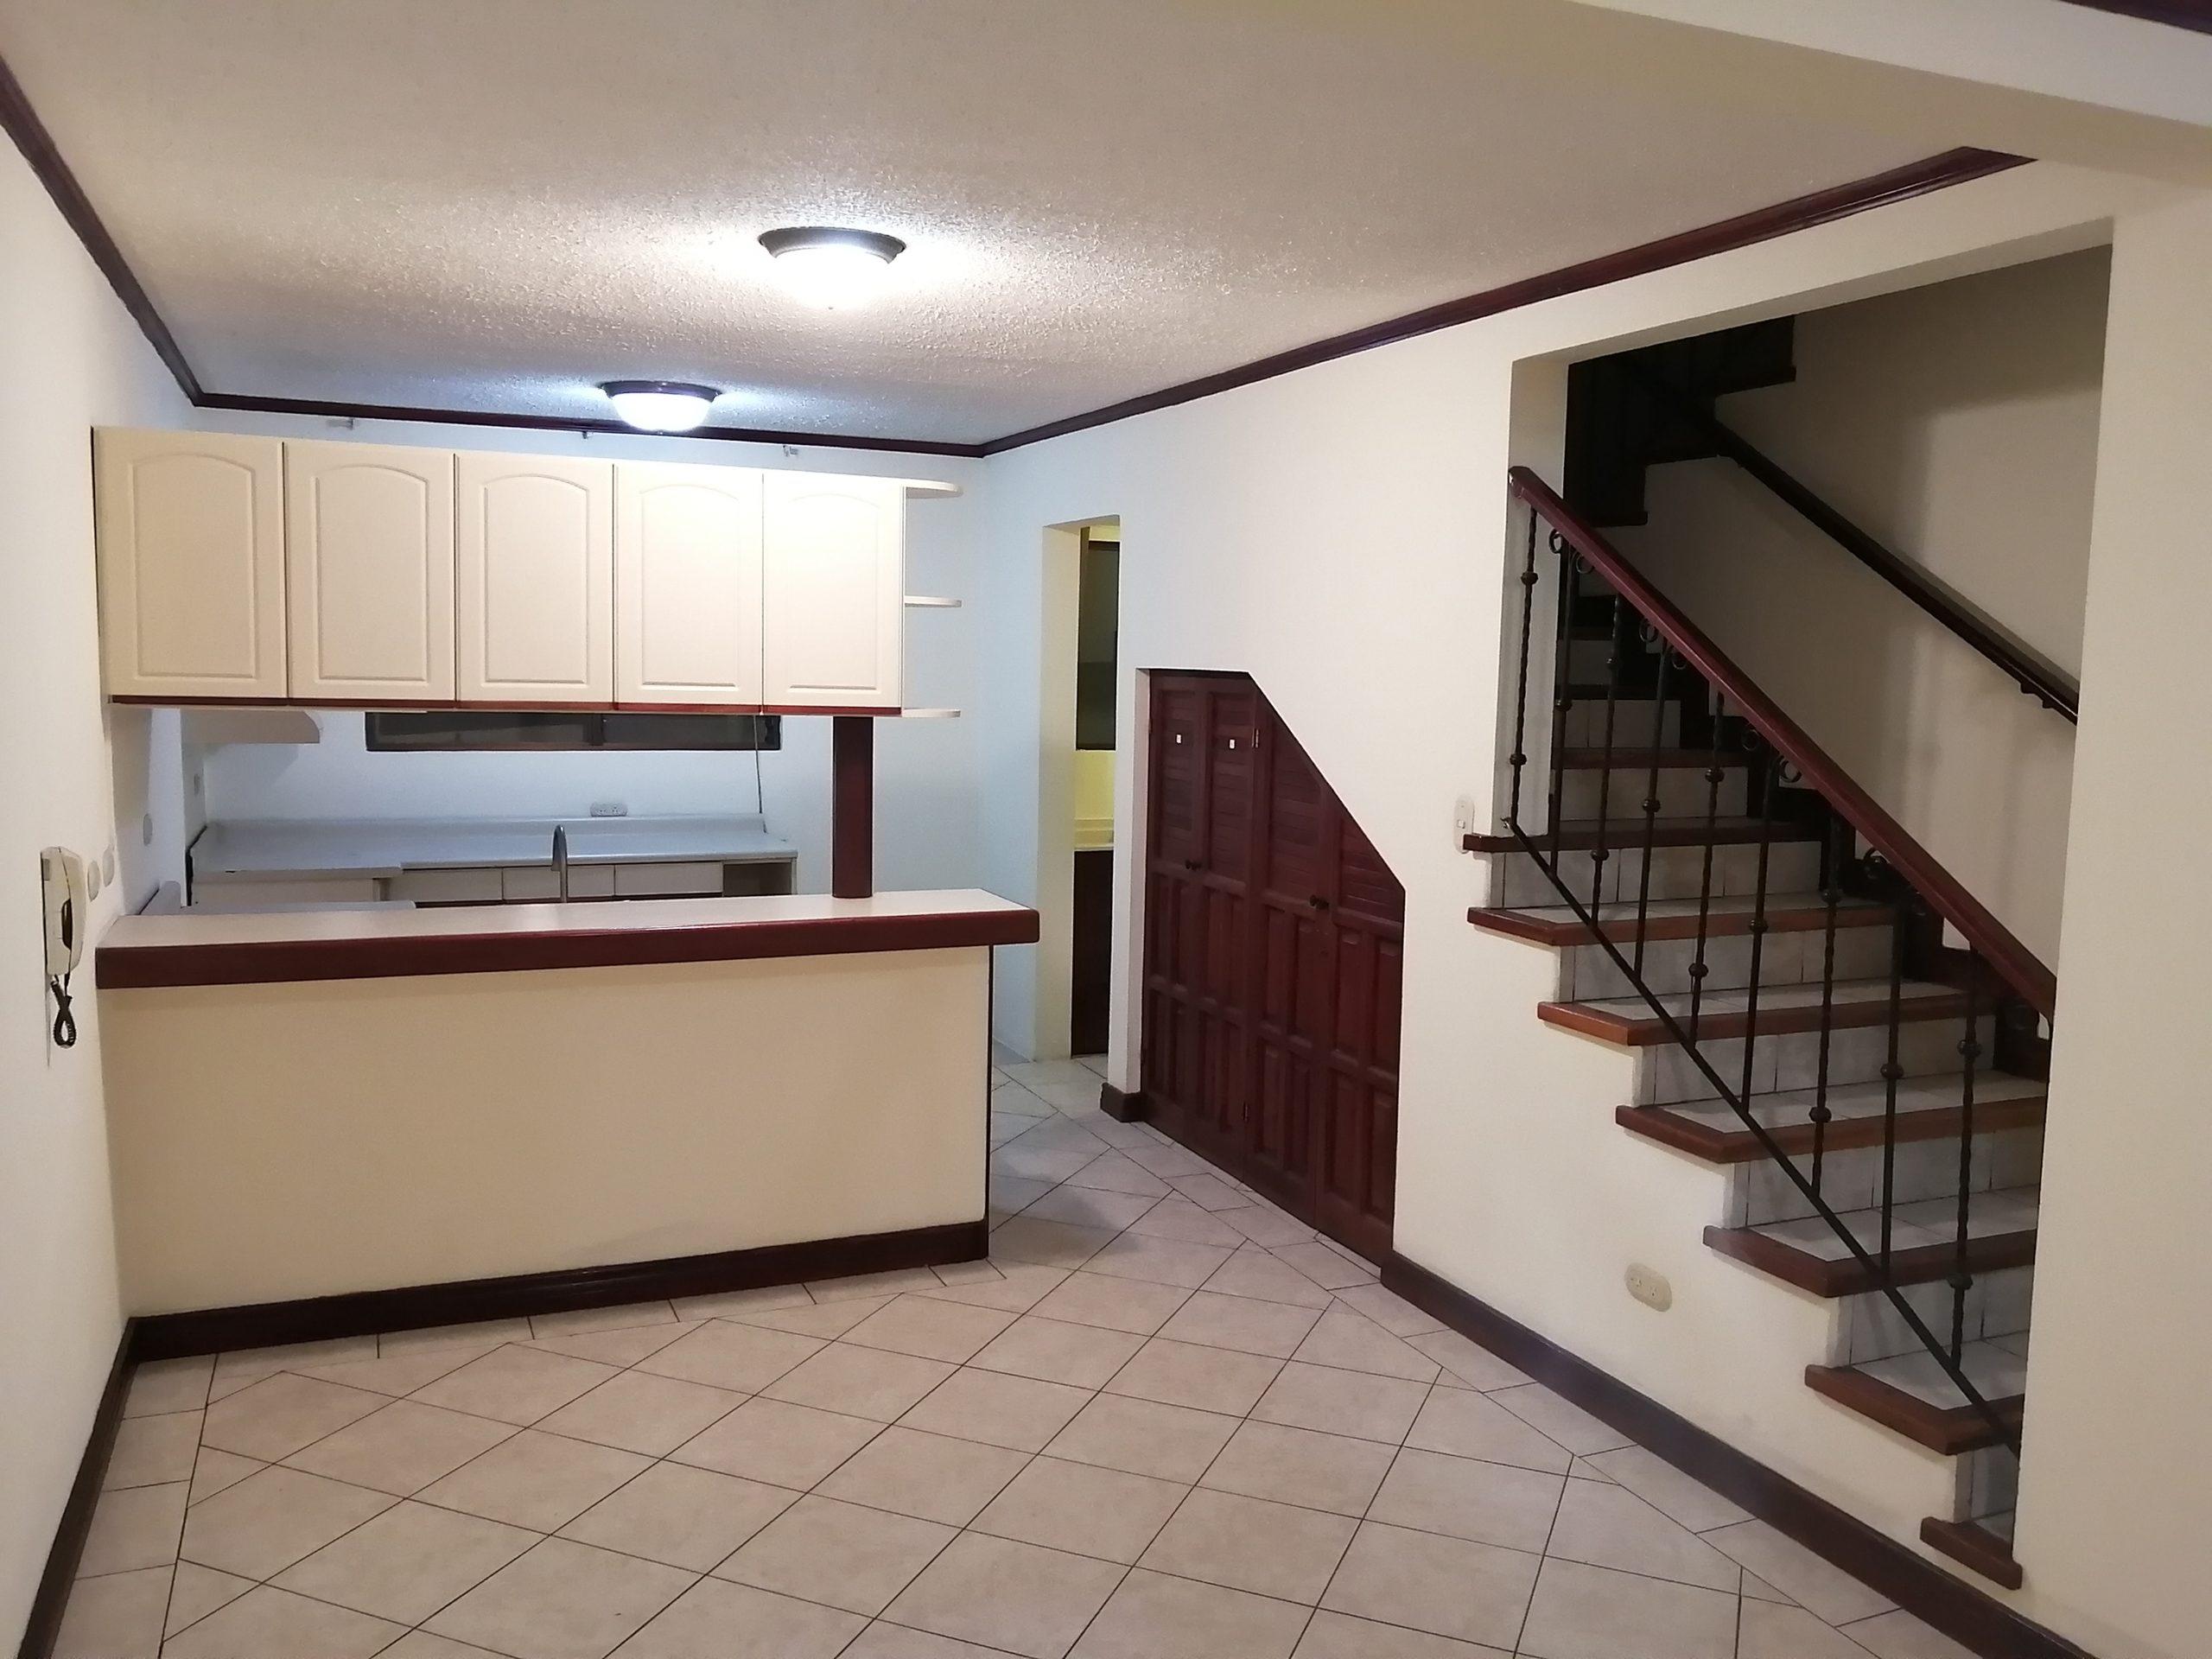 2395 Se Alquila casa en Condominio cerca del Hospital México